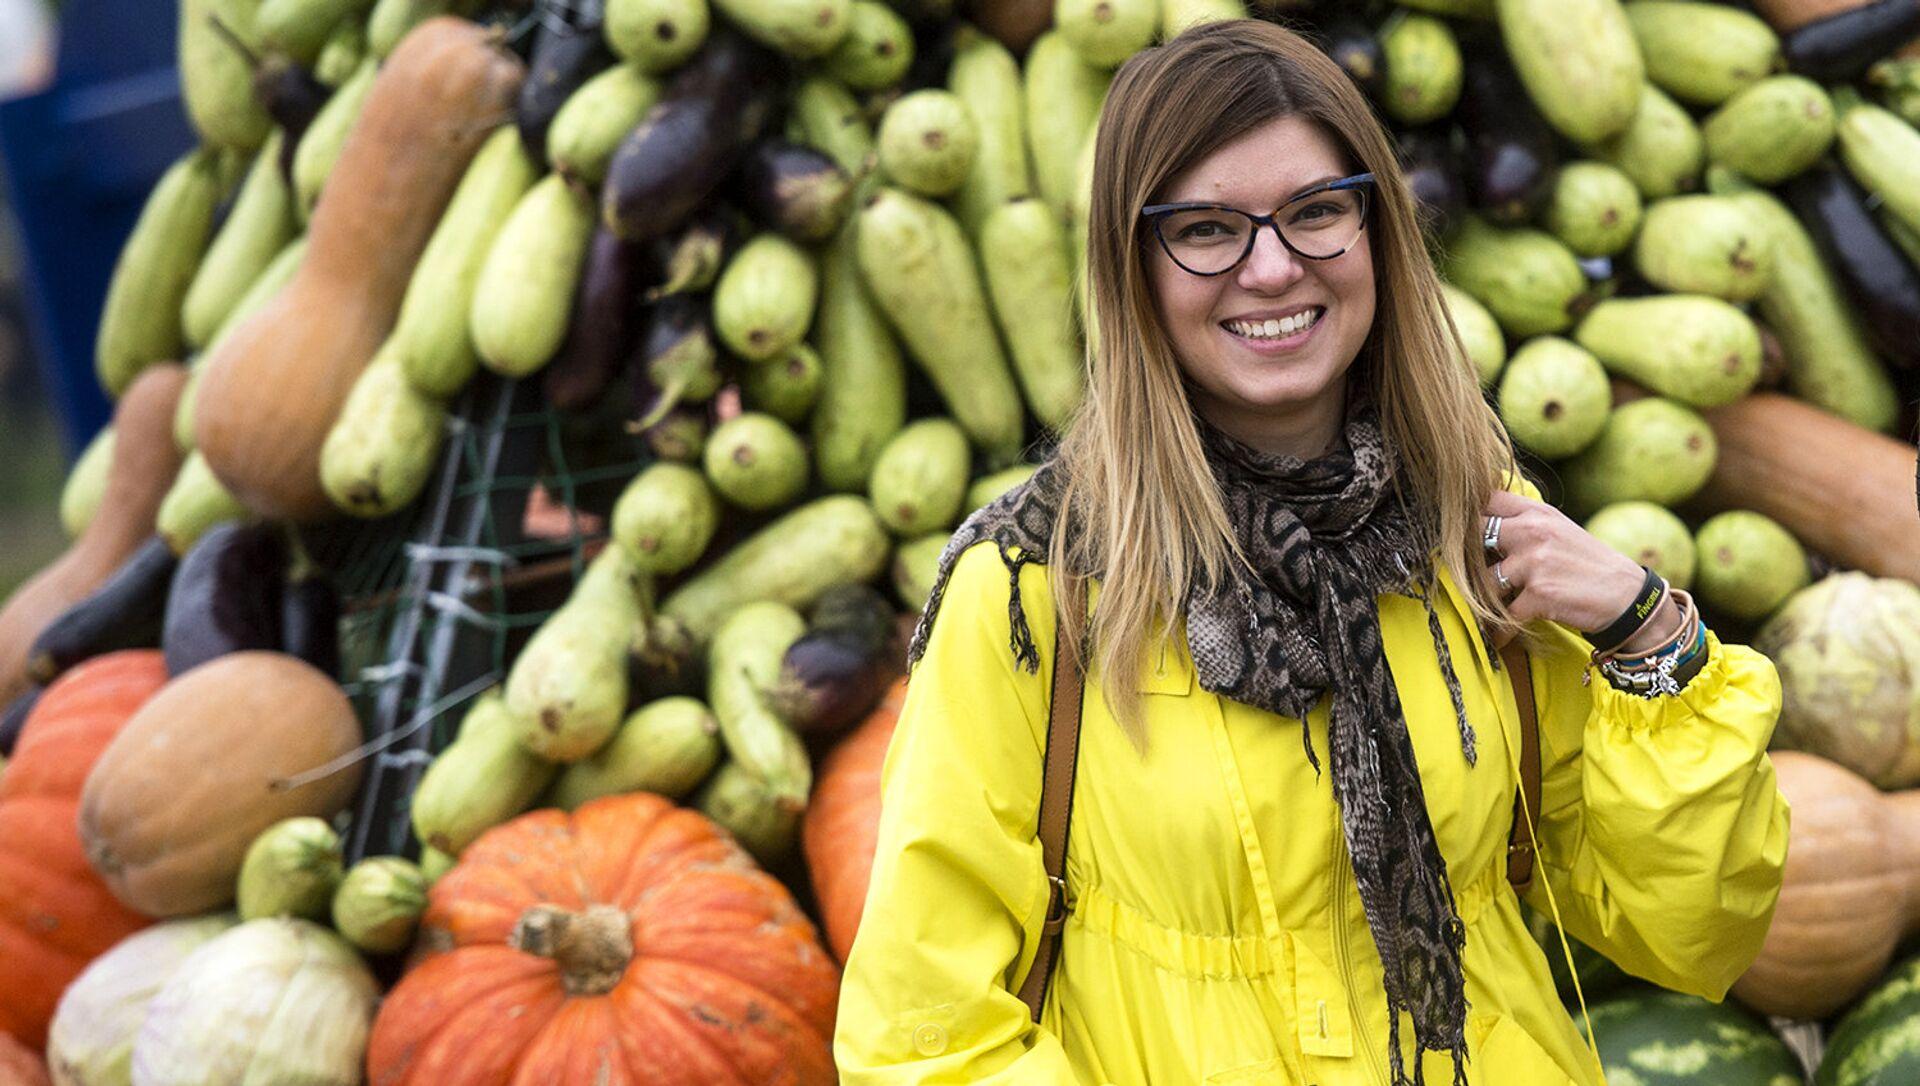 Всемирный день вегетарианства: есть ли жизнь без мяса? - РИА Новости, 1920, 01.10.2017